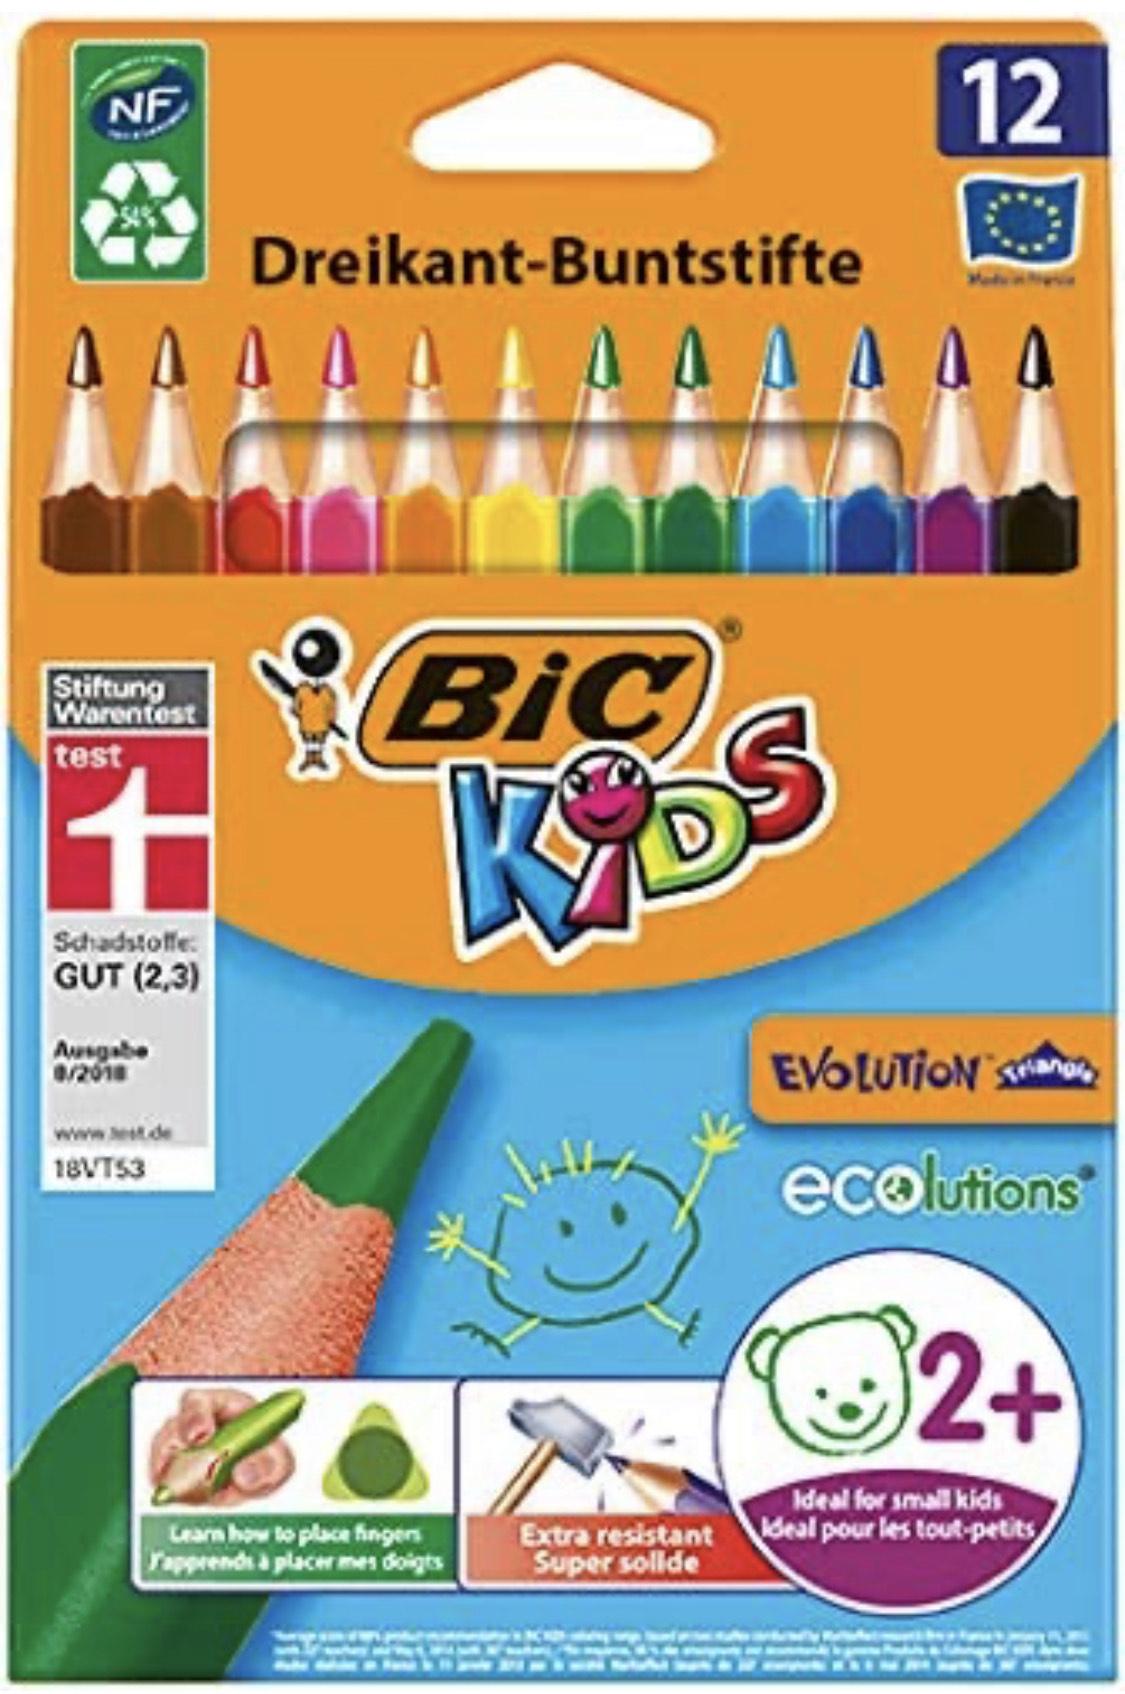 Bic Kids ECOlutions Evolution, 12 Kinder-Buntstifte